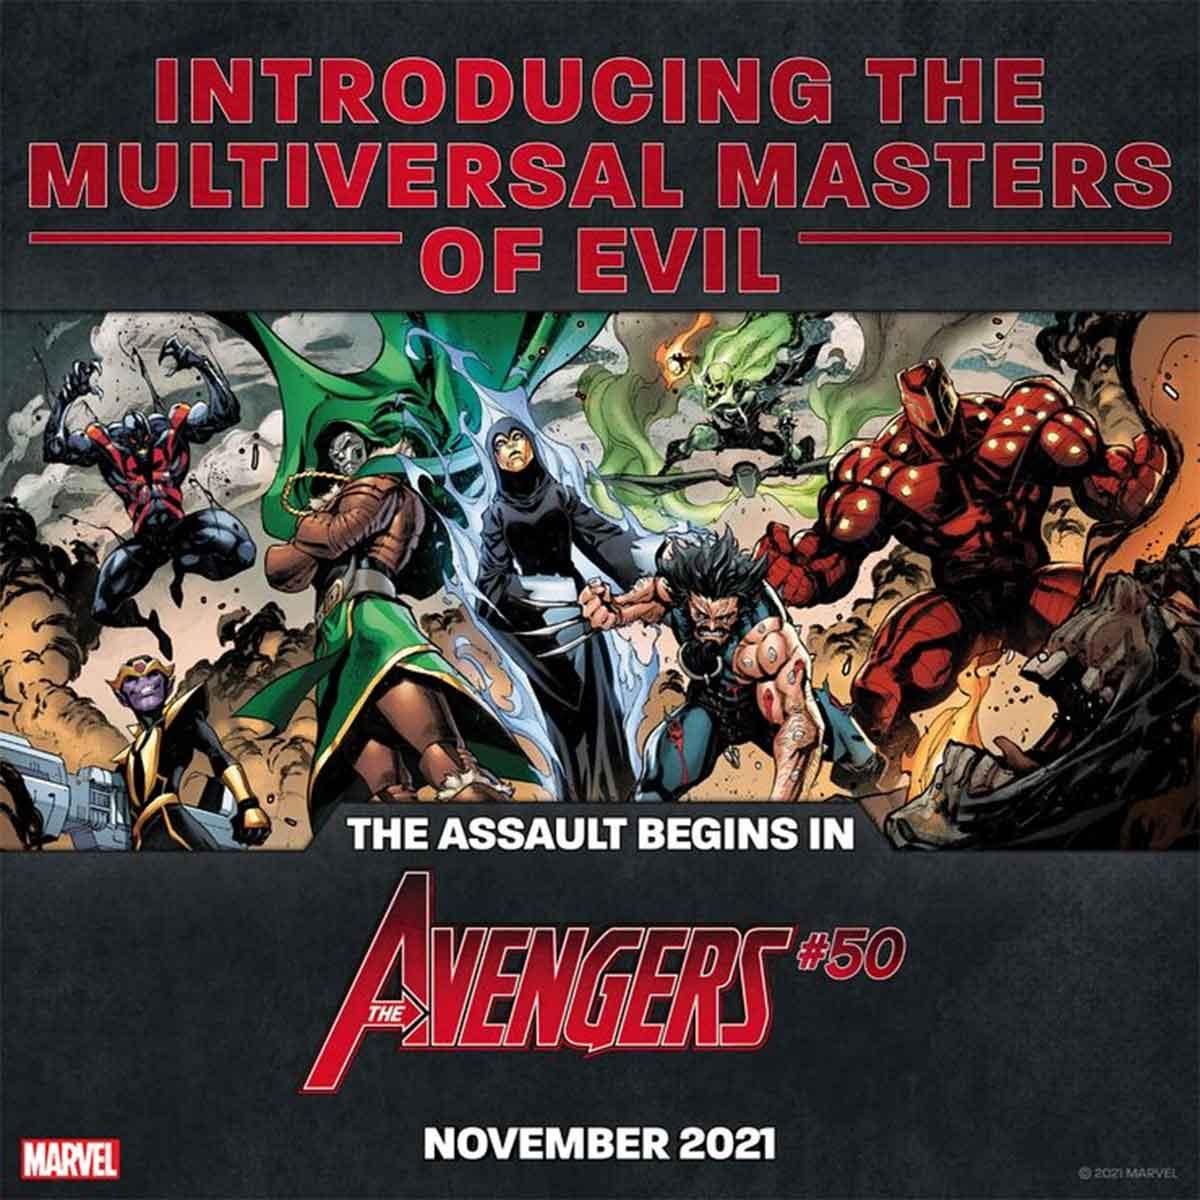 Los Vengadores lucharán contra los Maestros Multiversales del Mal